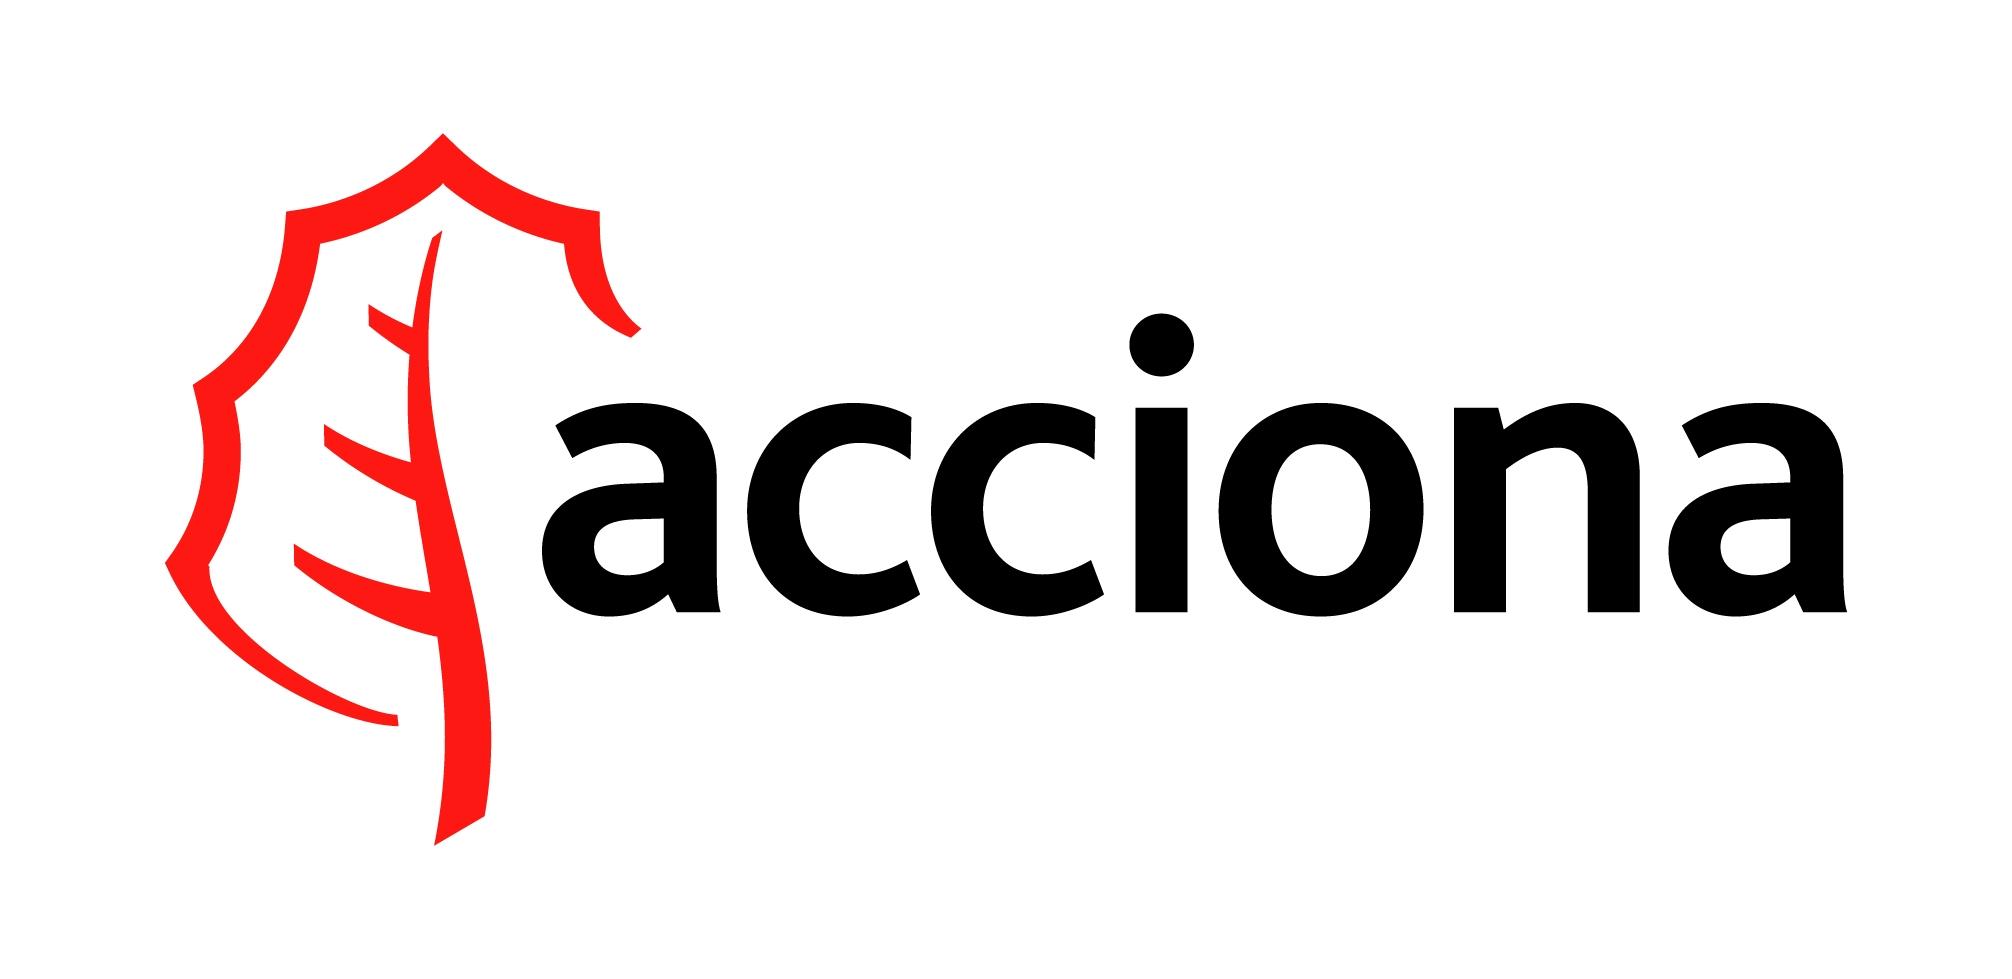 Logo Acciona PNG - 108995